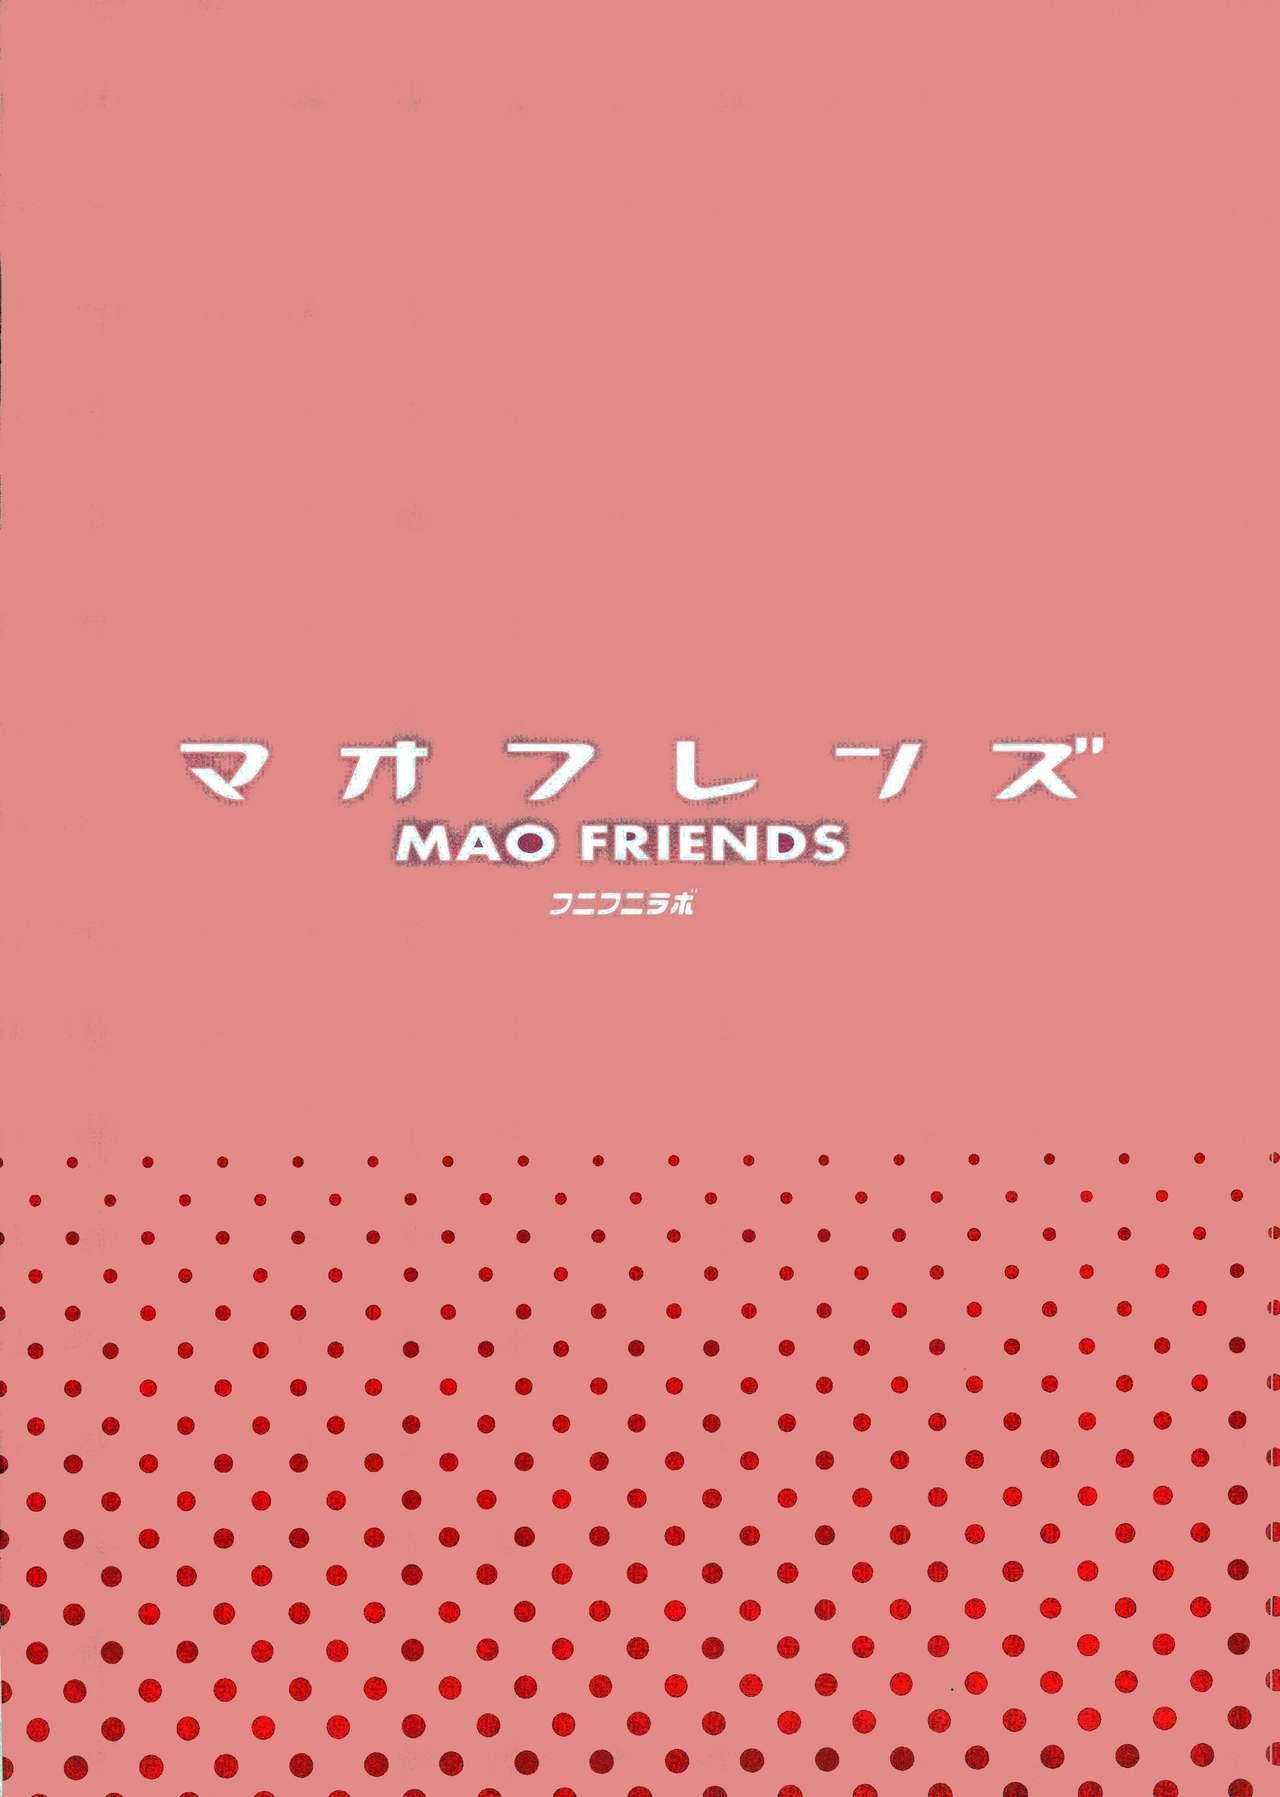 MAO FRIENDS 25